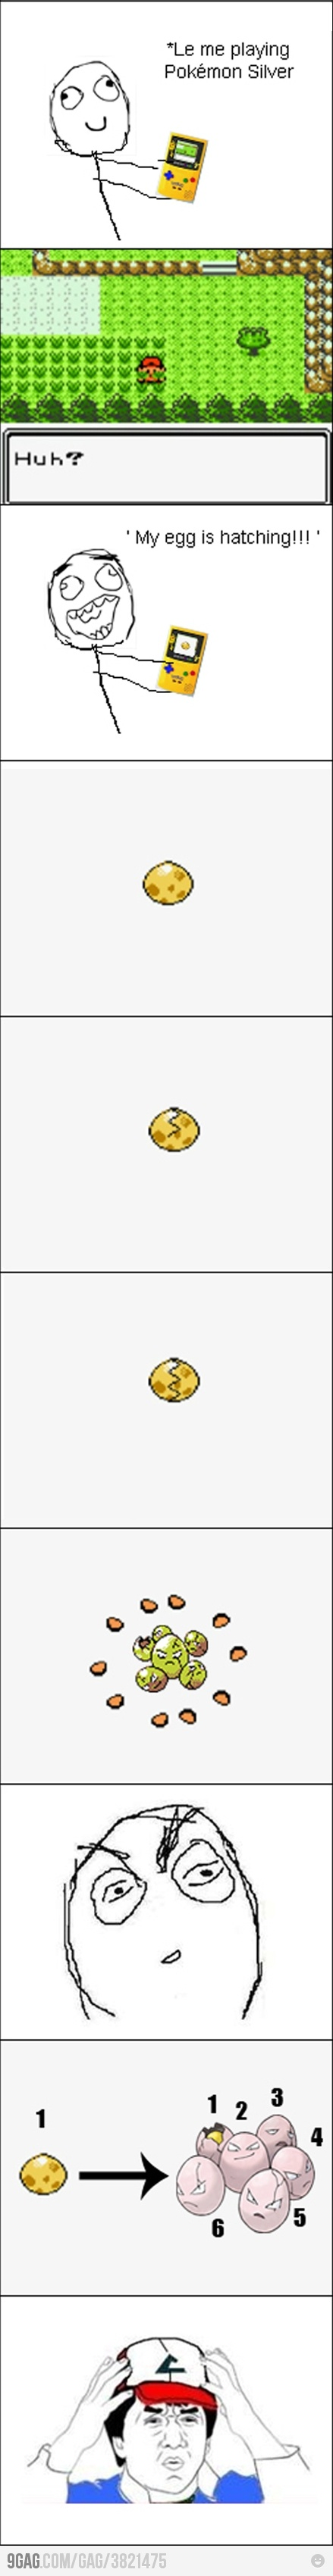 Pokémon argent sur game boy color... Que de bon souvenirs même s'il y avait des couacs